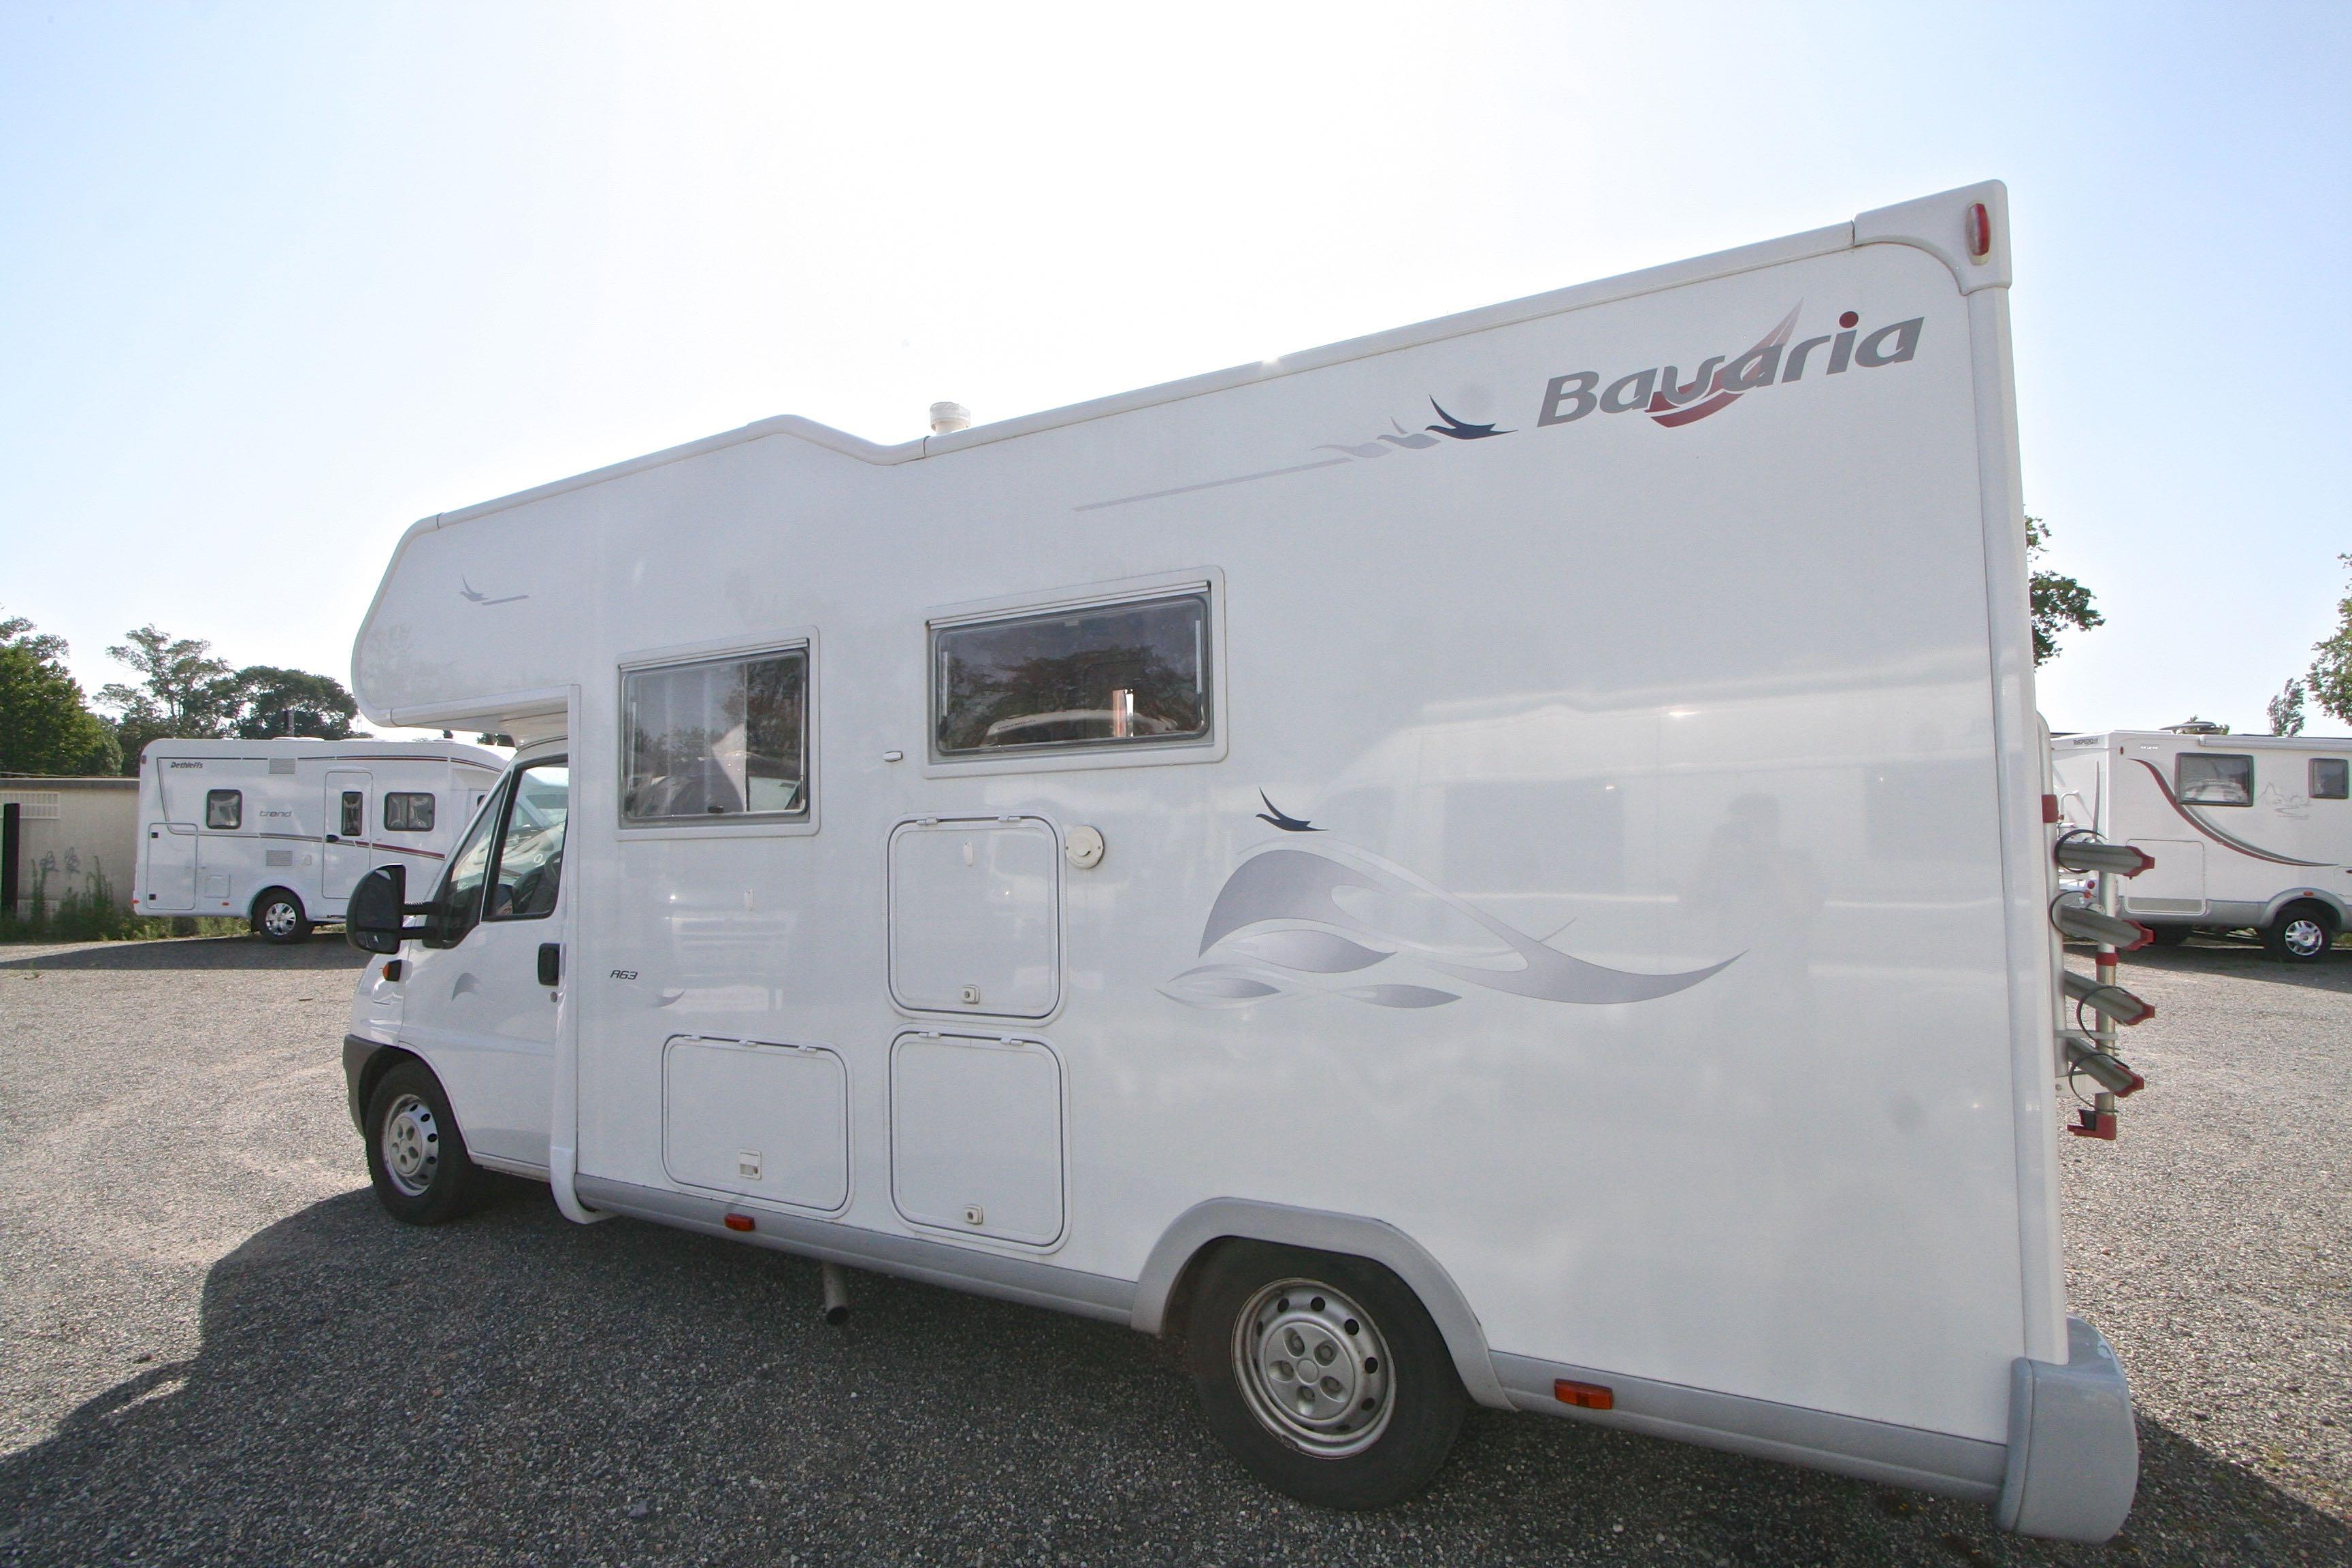 bavaria a 63 ed occasion fiat camping car en vente roques sur garonne haute garonne 31. Black Bedroom Furniture Sets. Home Design Ideas